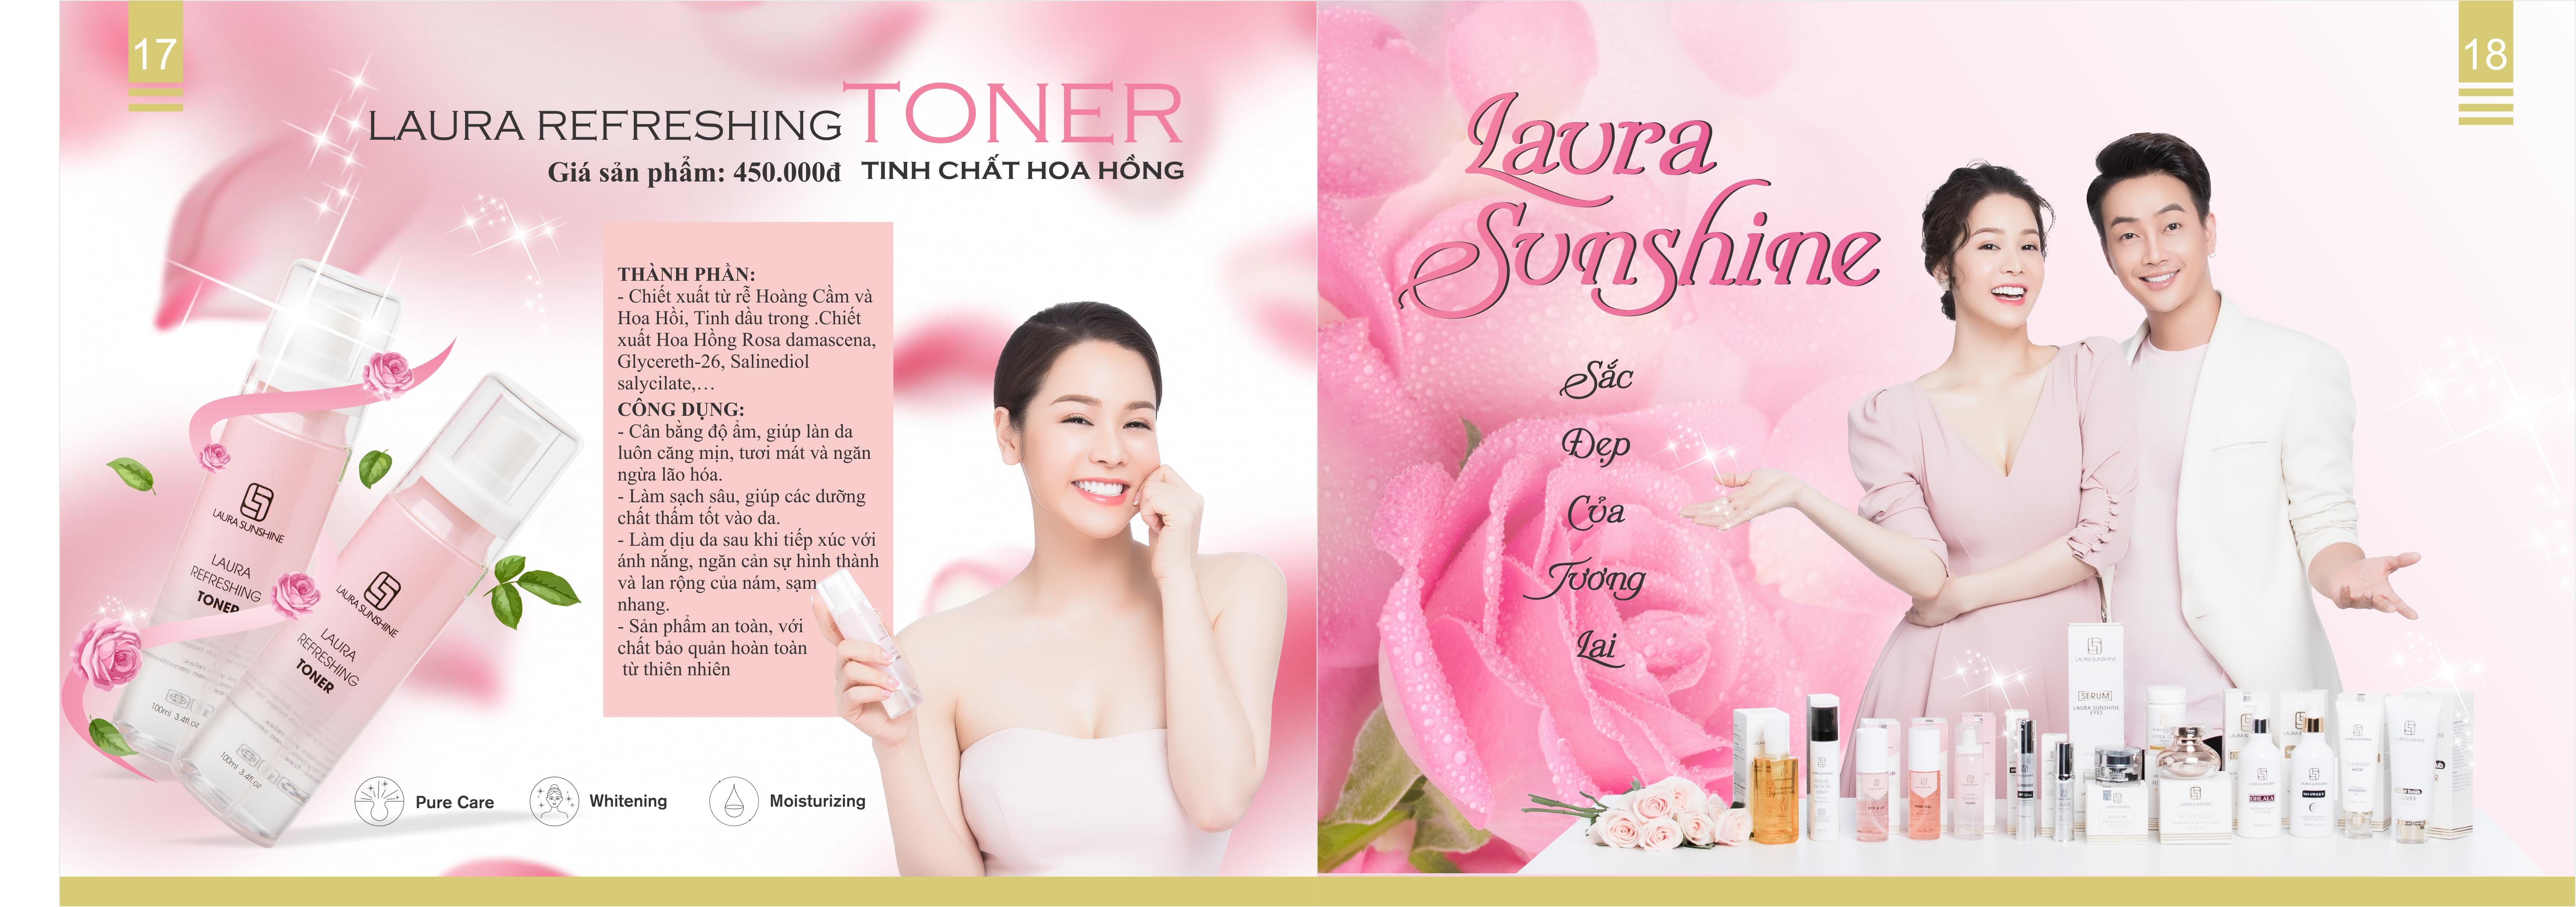 Học hỏi Nhật Kim Anh chăm sóc da với bộ tẩy trang toàn diện và xịt tinh chất hoa hồng - Ảnh 7.